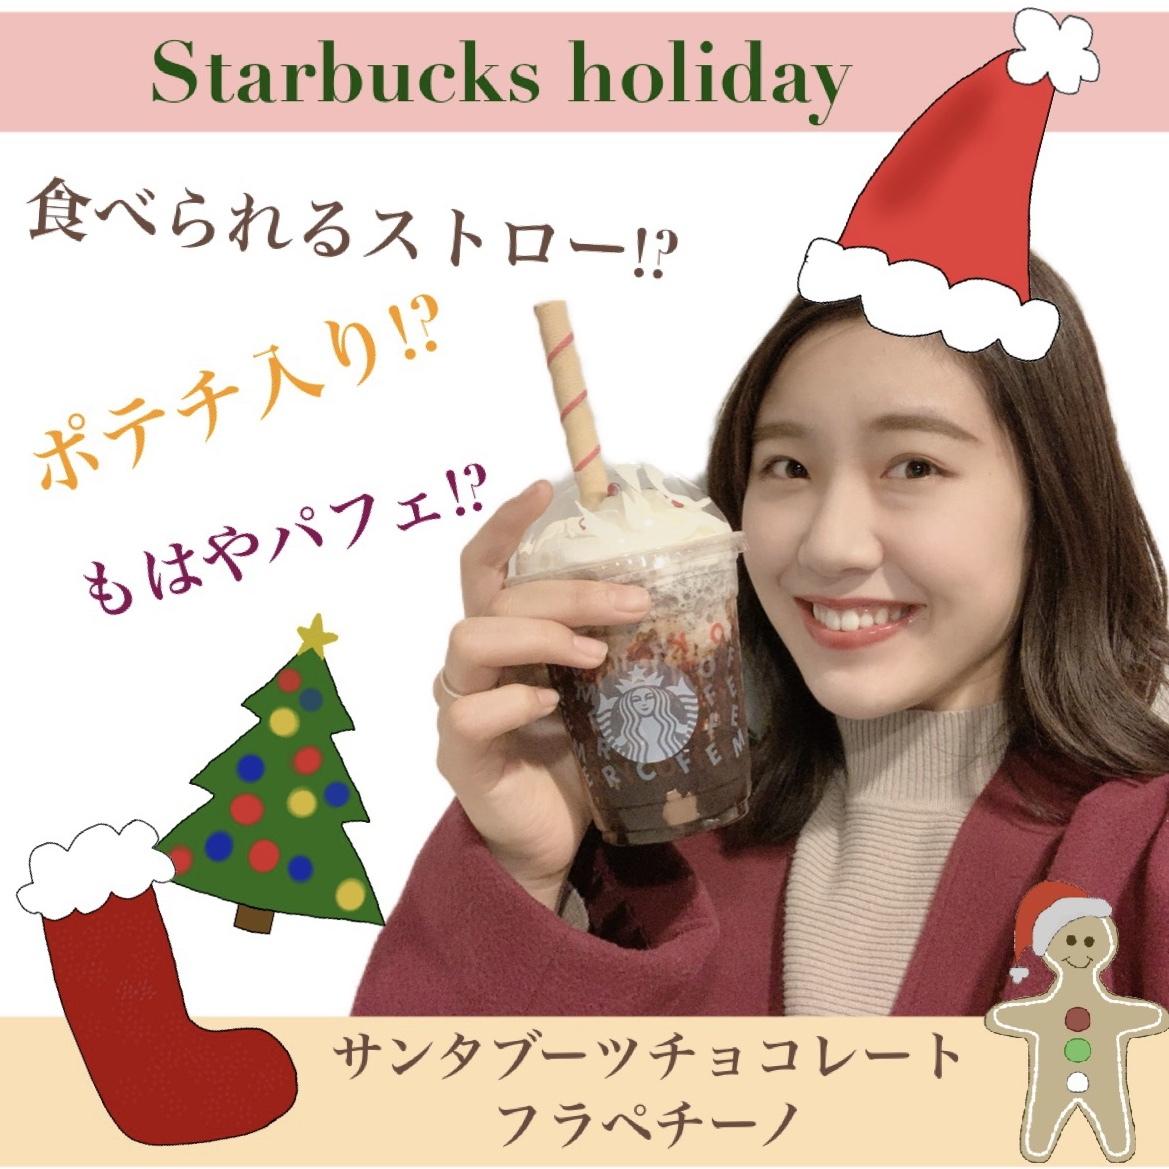 【スタバ】クリスマス第3弾は食べられるストロー!?_1_1